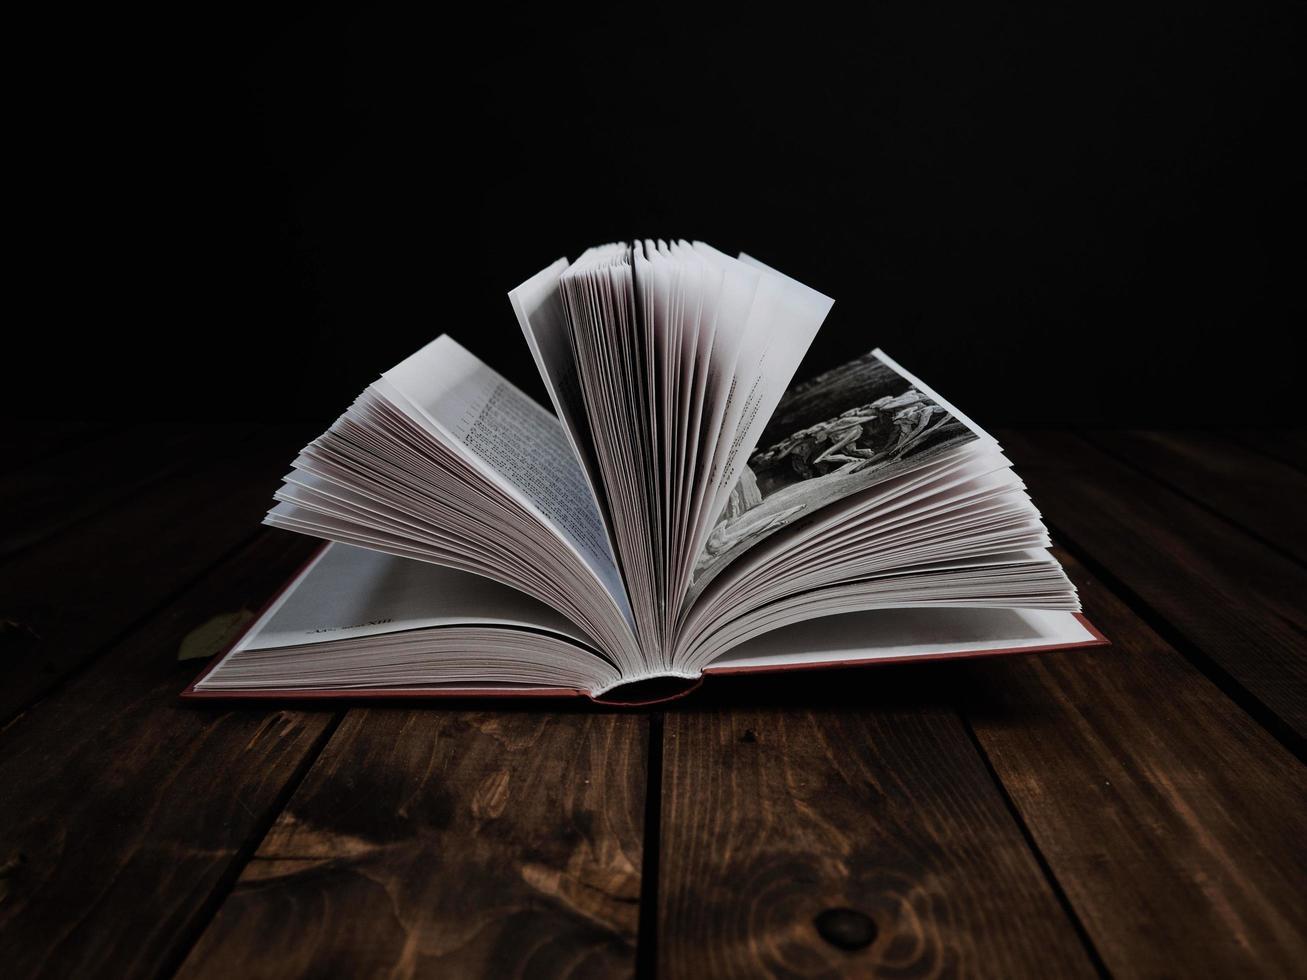 livre ouvert sur fond sombre photo